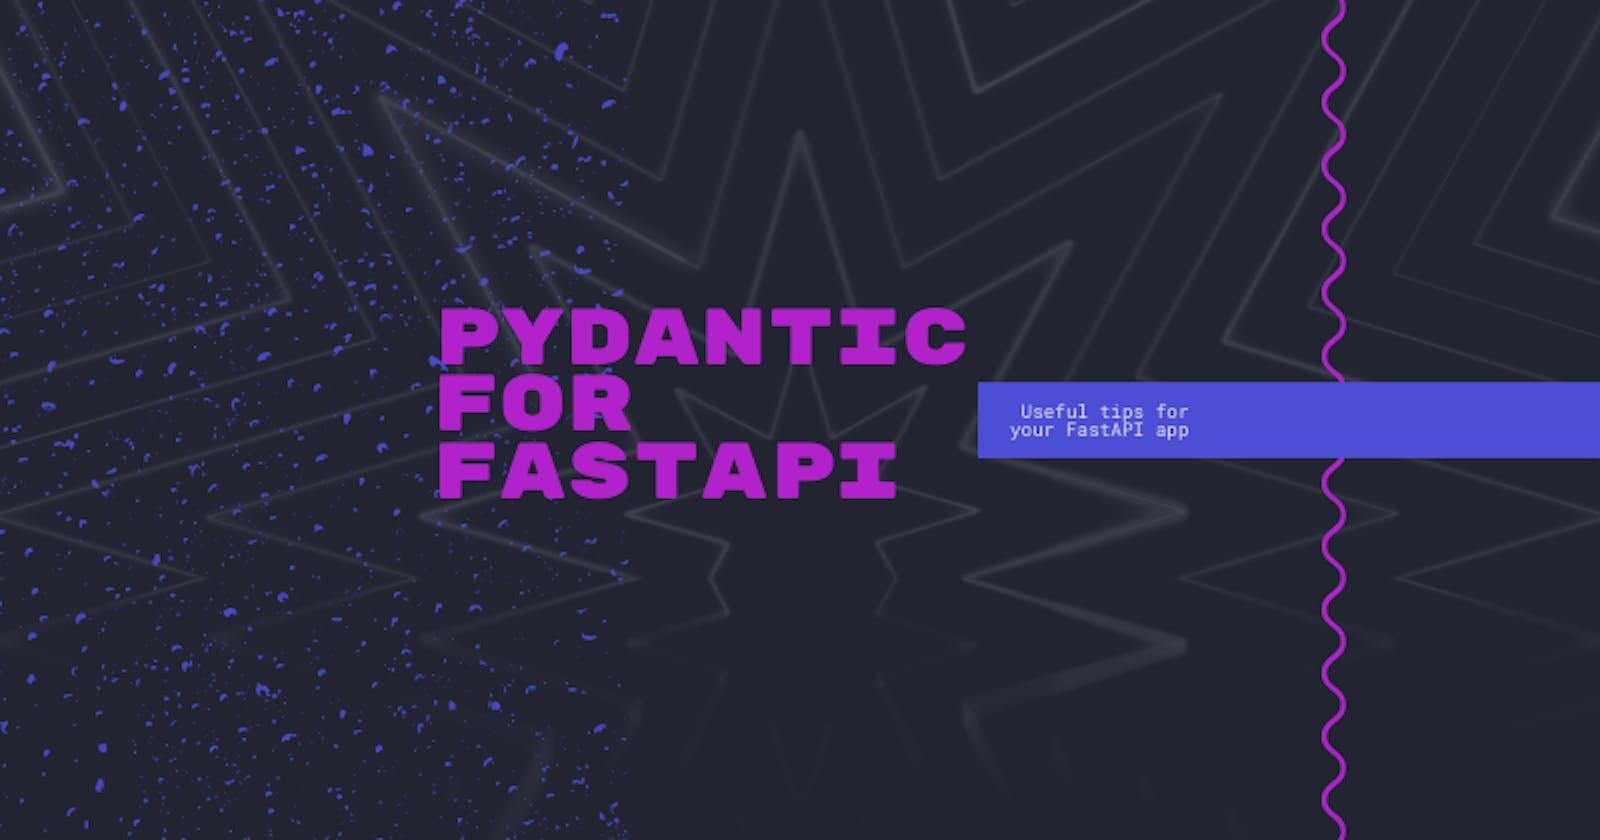 Pydantic for FastAPI